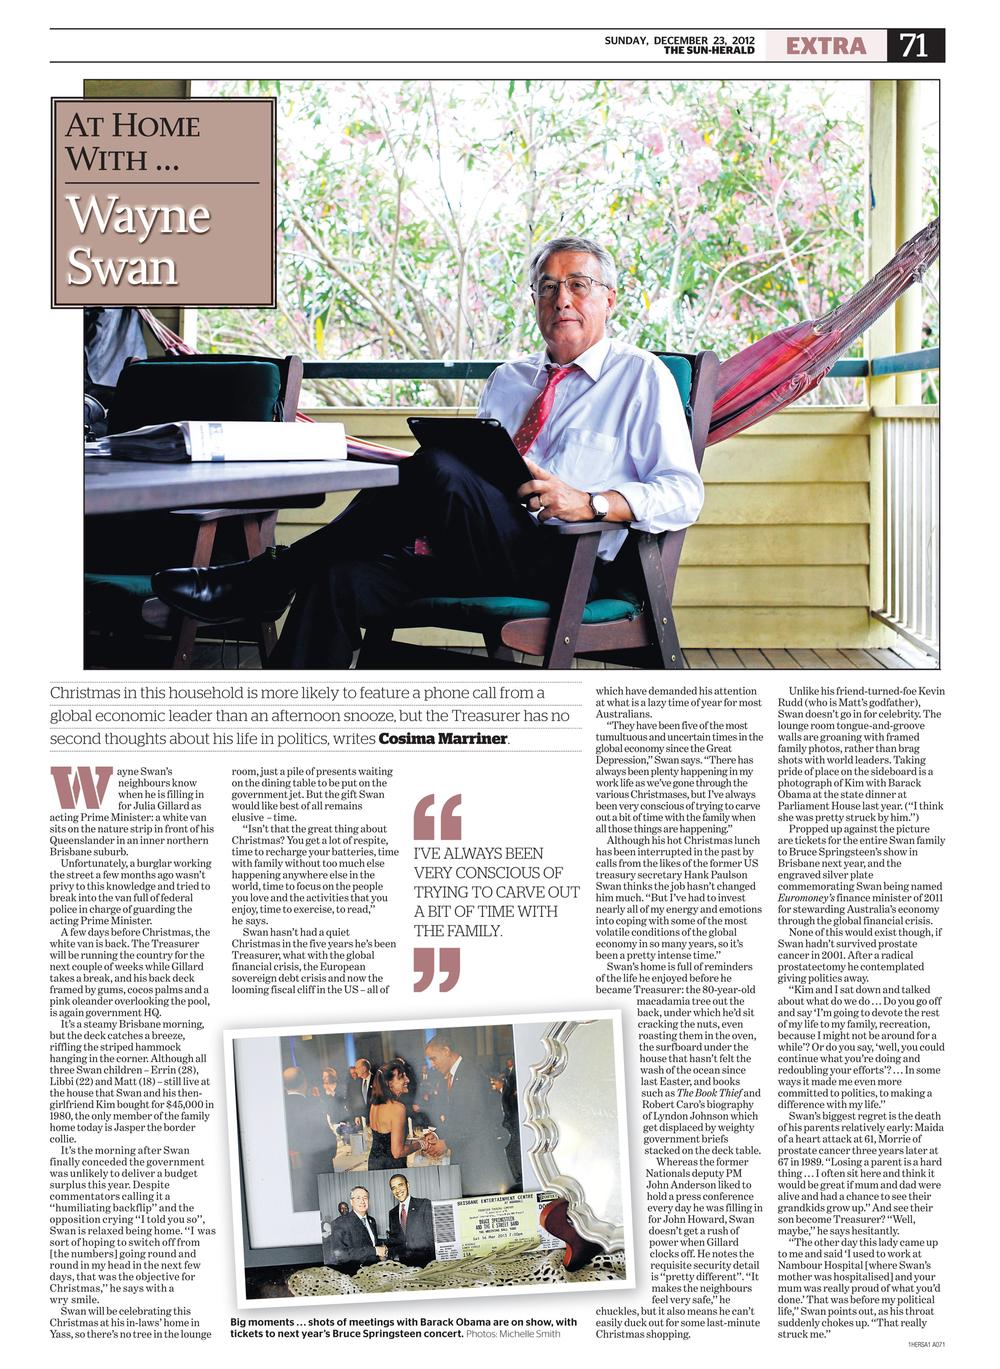 Treasurer Wayne Swan at his home in Kedron, QLD.